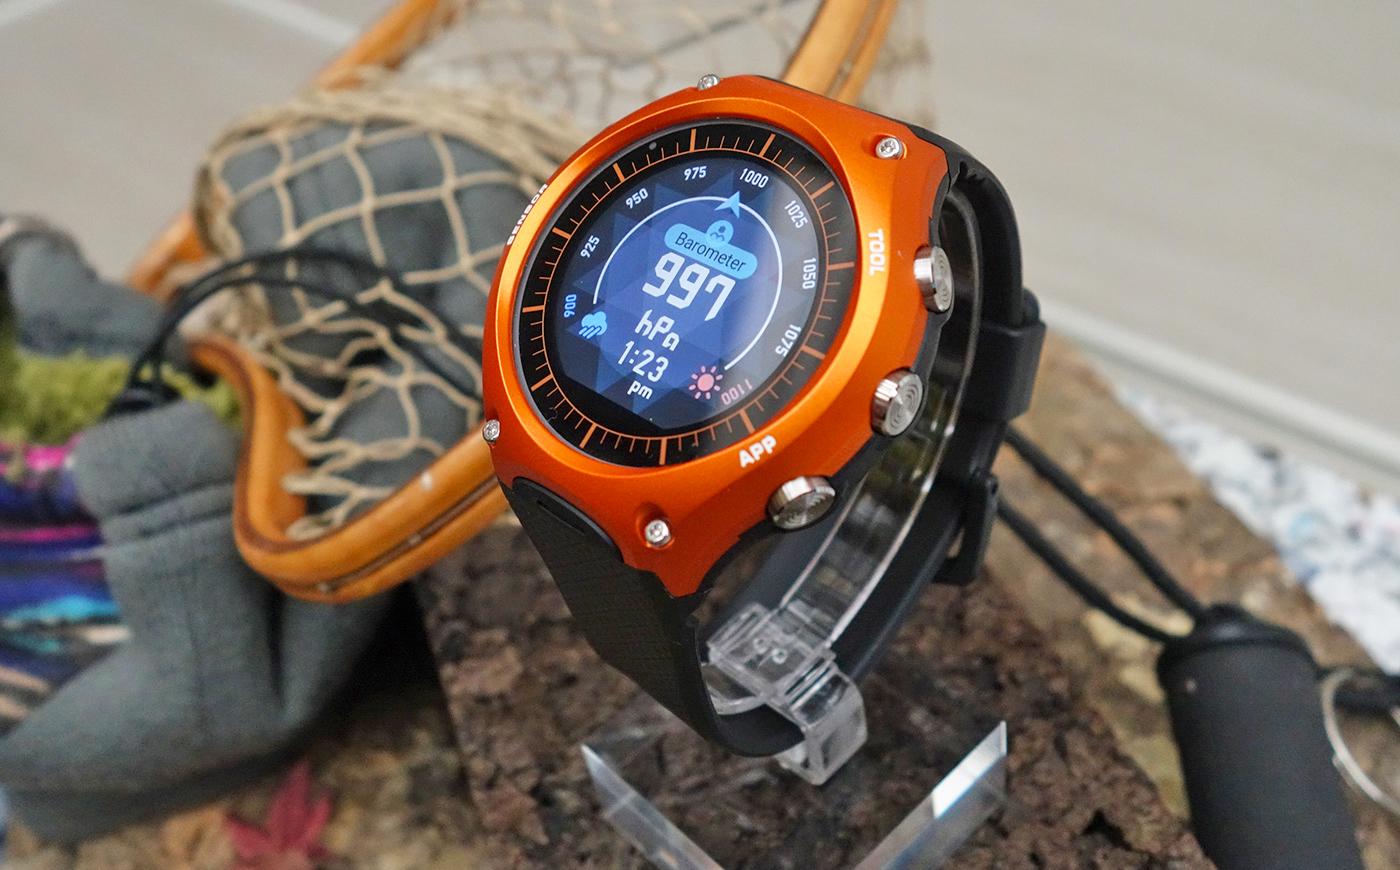 0b9970ab9 ساعة Casio الذكية WSD-F10 في الأسواق 25 مارس وبسعر 500$ - التقنية ...